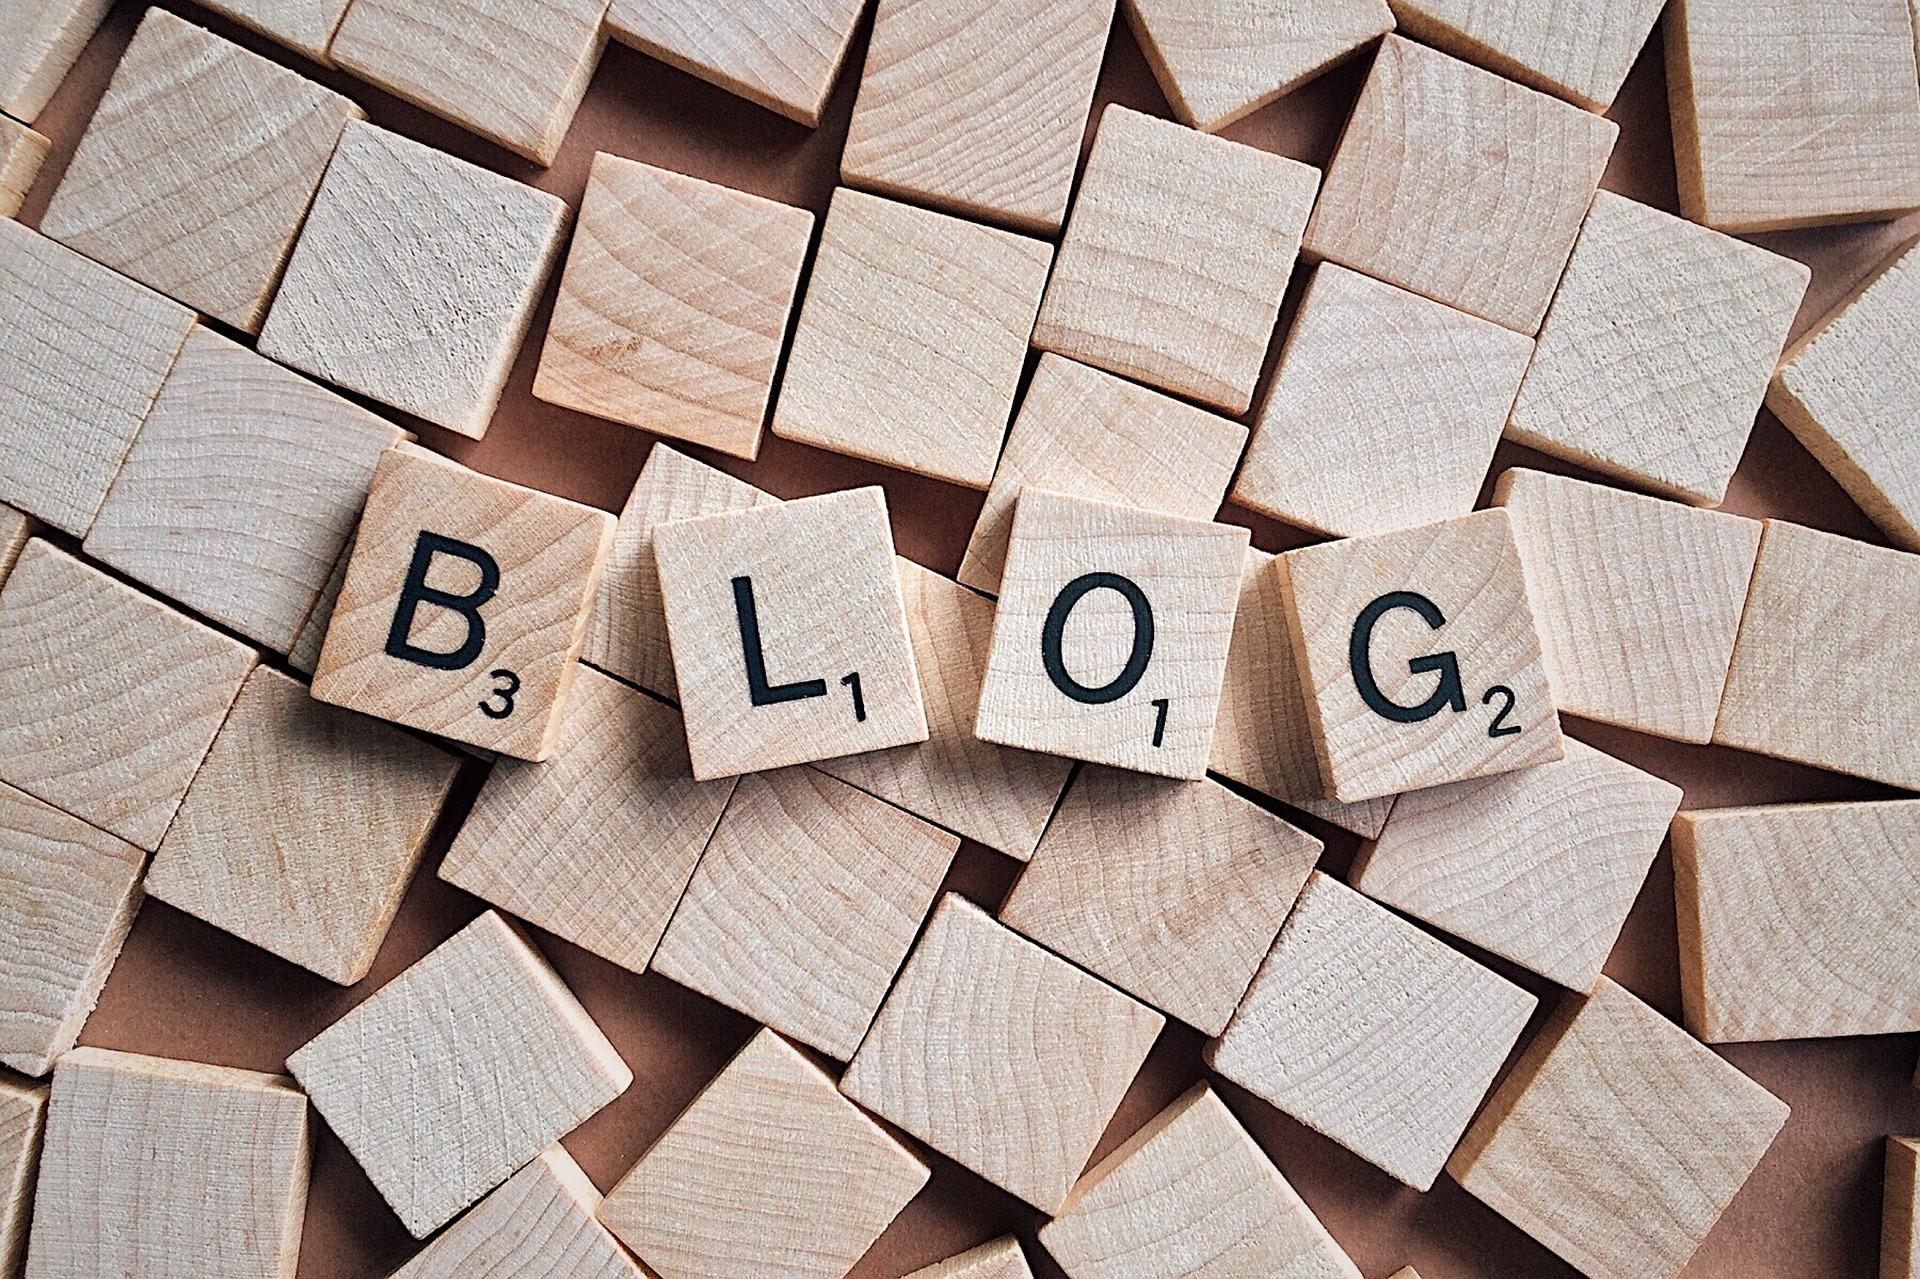 ブログ100記事達成で予想外の収益発生!結果報告・考察と初期対策